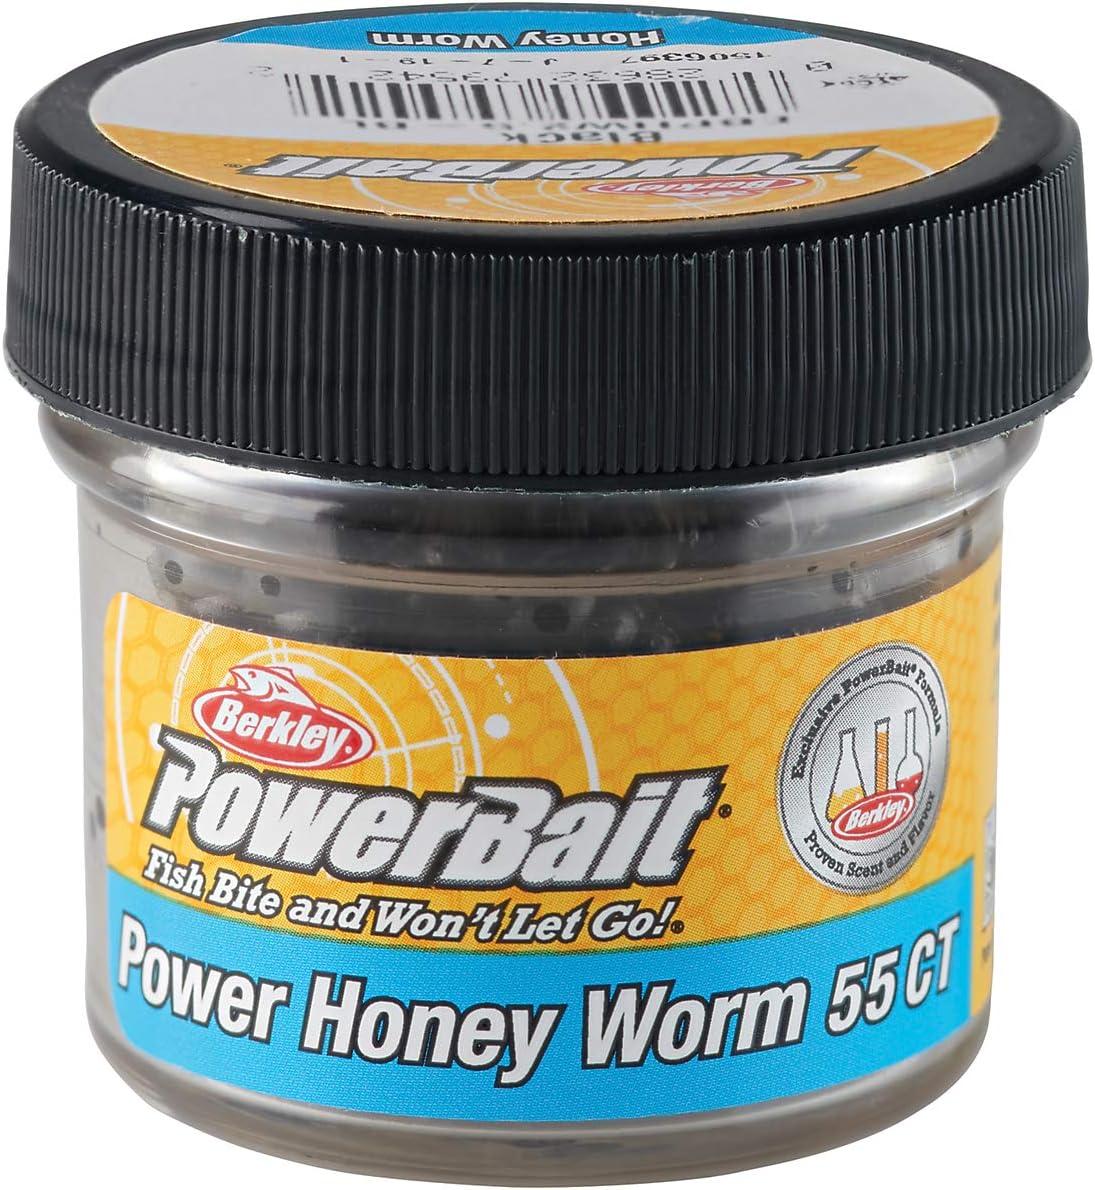 Berkley Powerbait Honey Worms for 2020